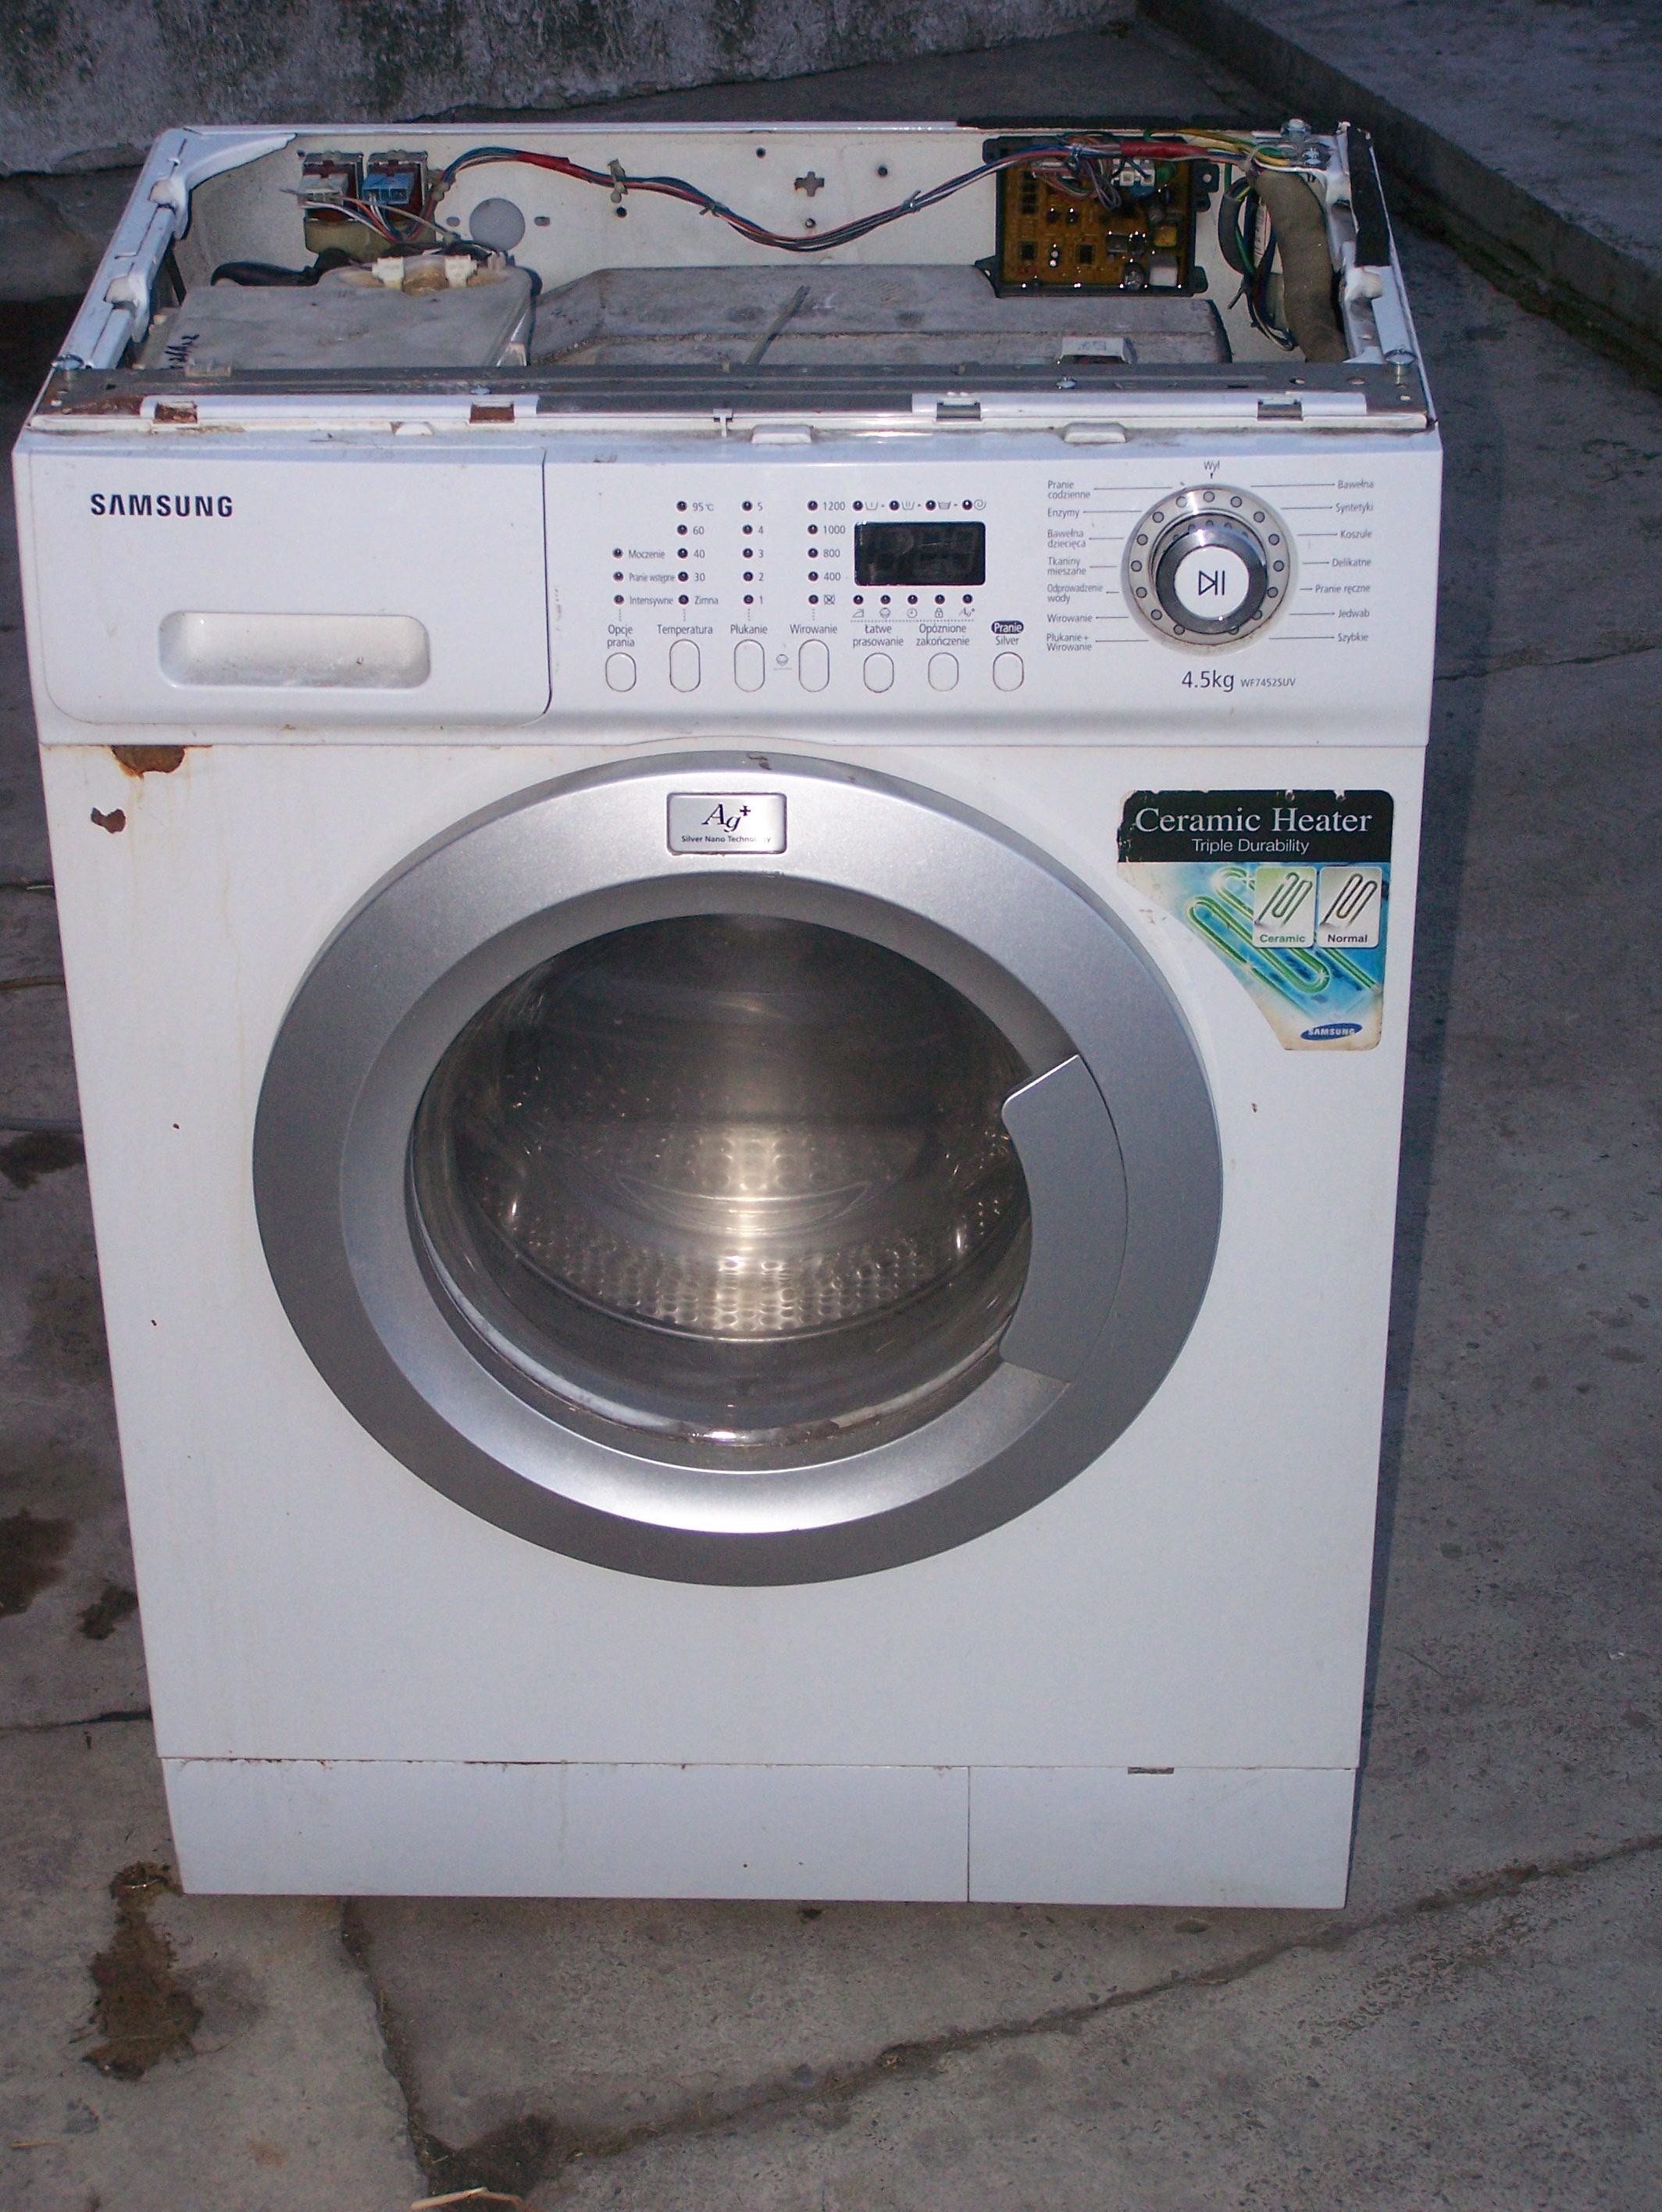 [Kupi�] Zasobnik do proszku wraz z szuflad� do pralki Samsung WF 7522 SUV